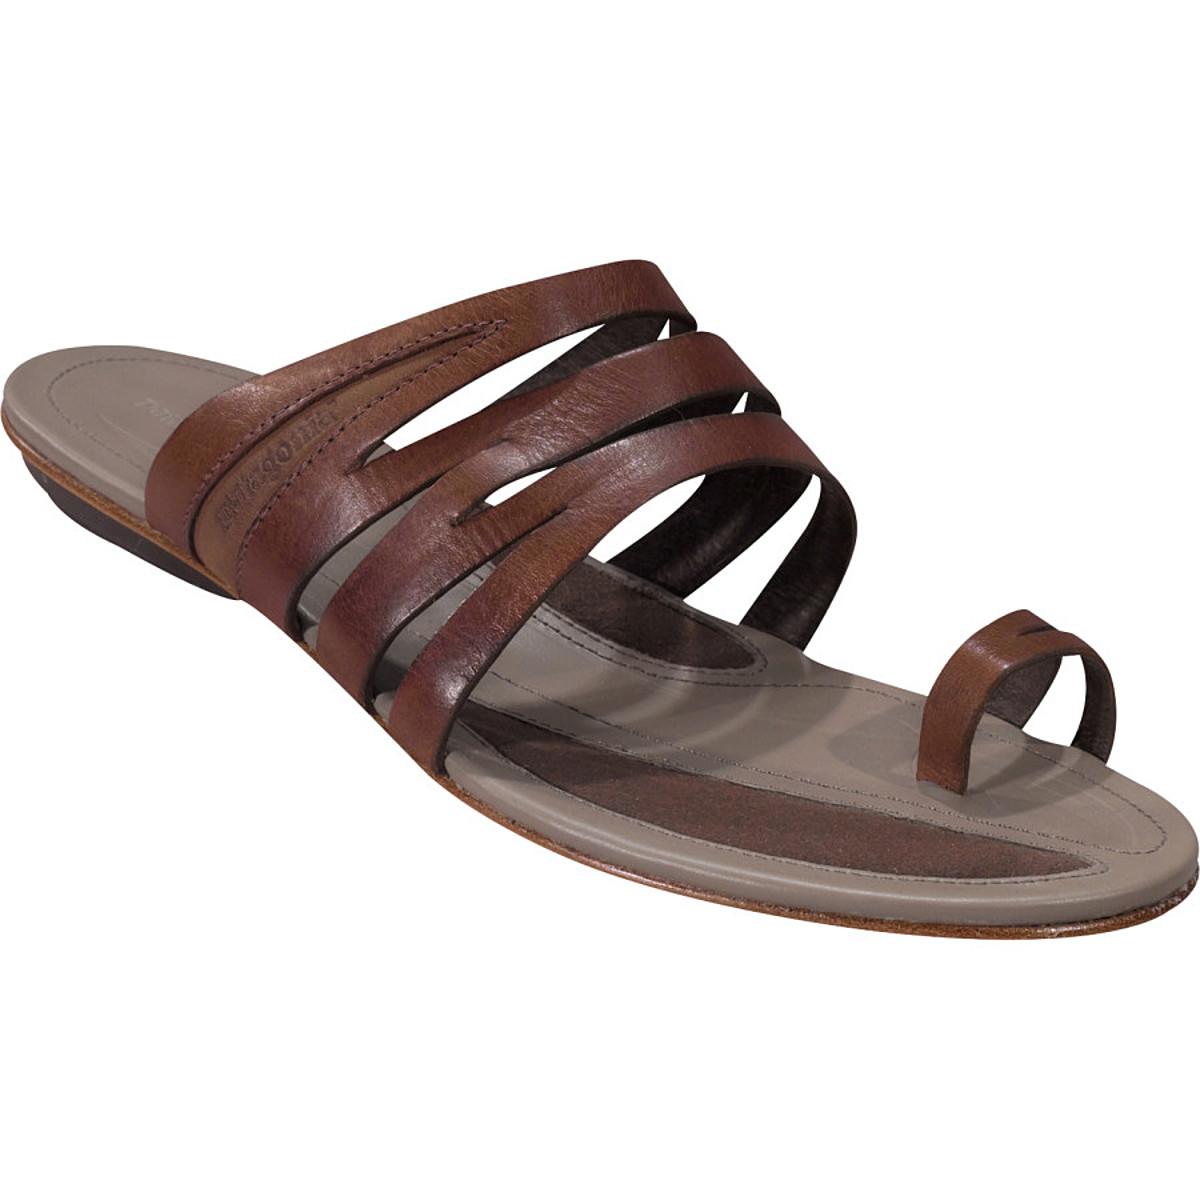 Patagonia Bandha Slice Sandal